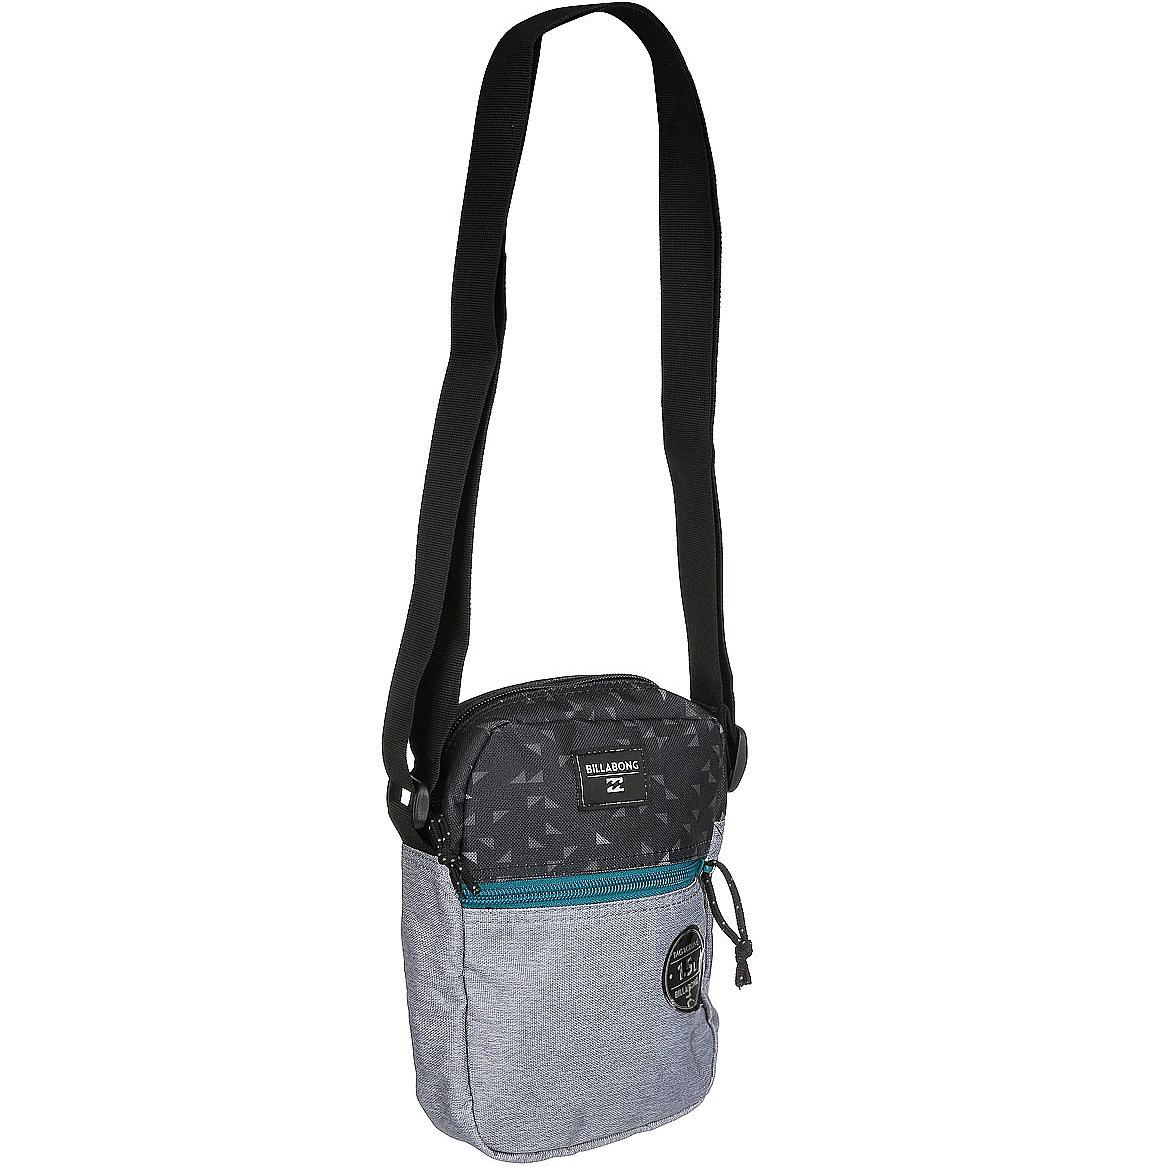 Сумка для аксессуаров мужской Billabong Boulevard Satchel, цвет: серый, вереск, 1,5 л. Z5SA01Z5SA01Стильная сумка для акссесуаров